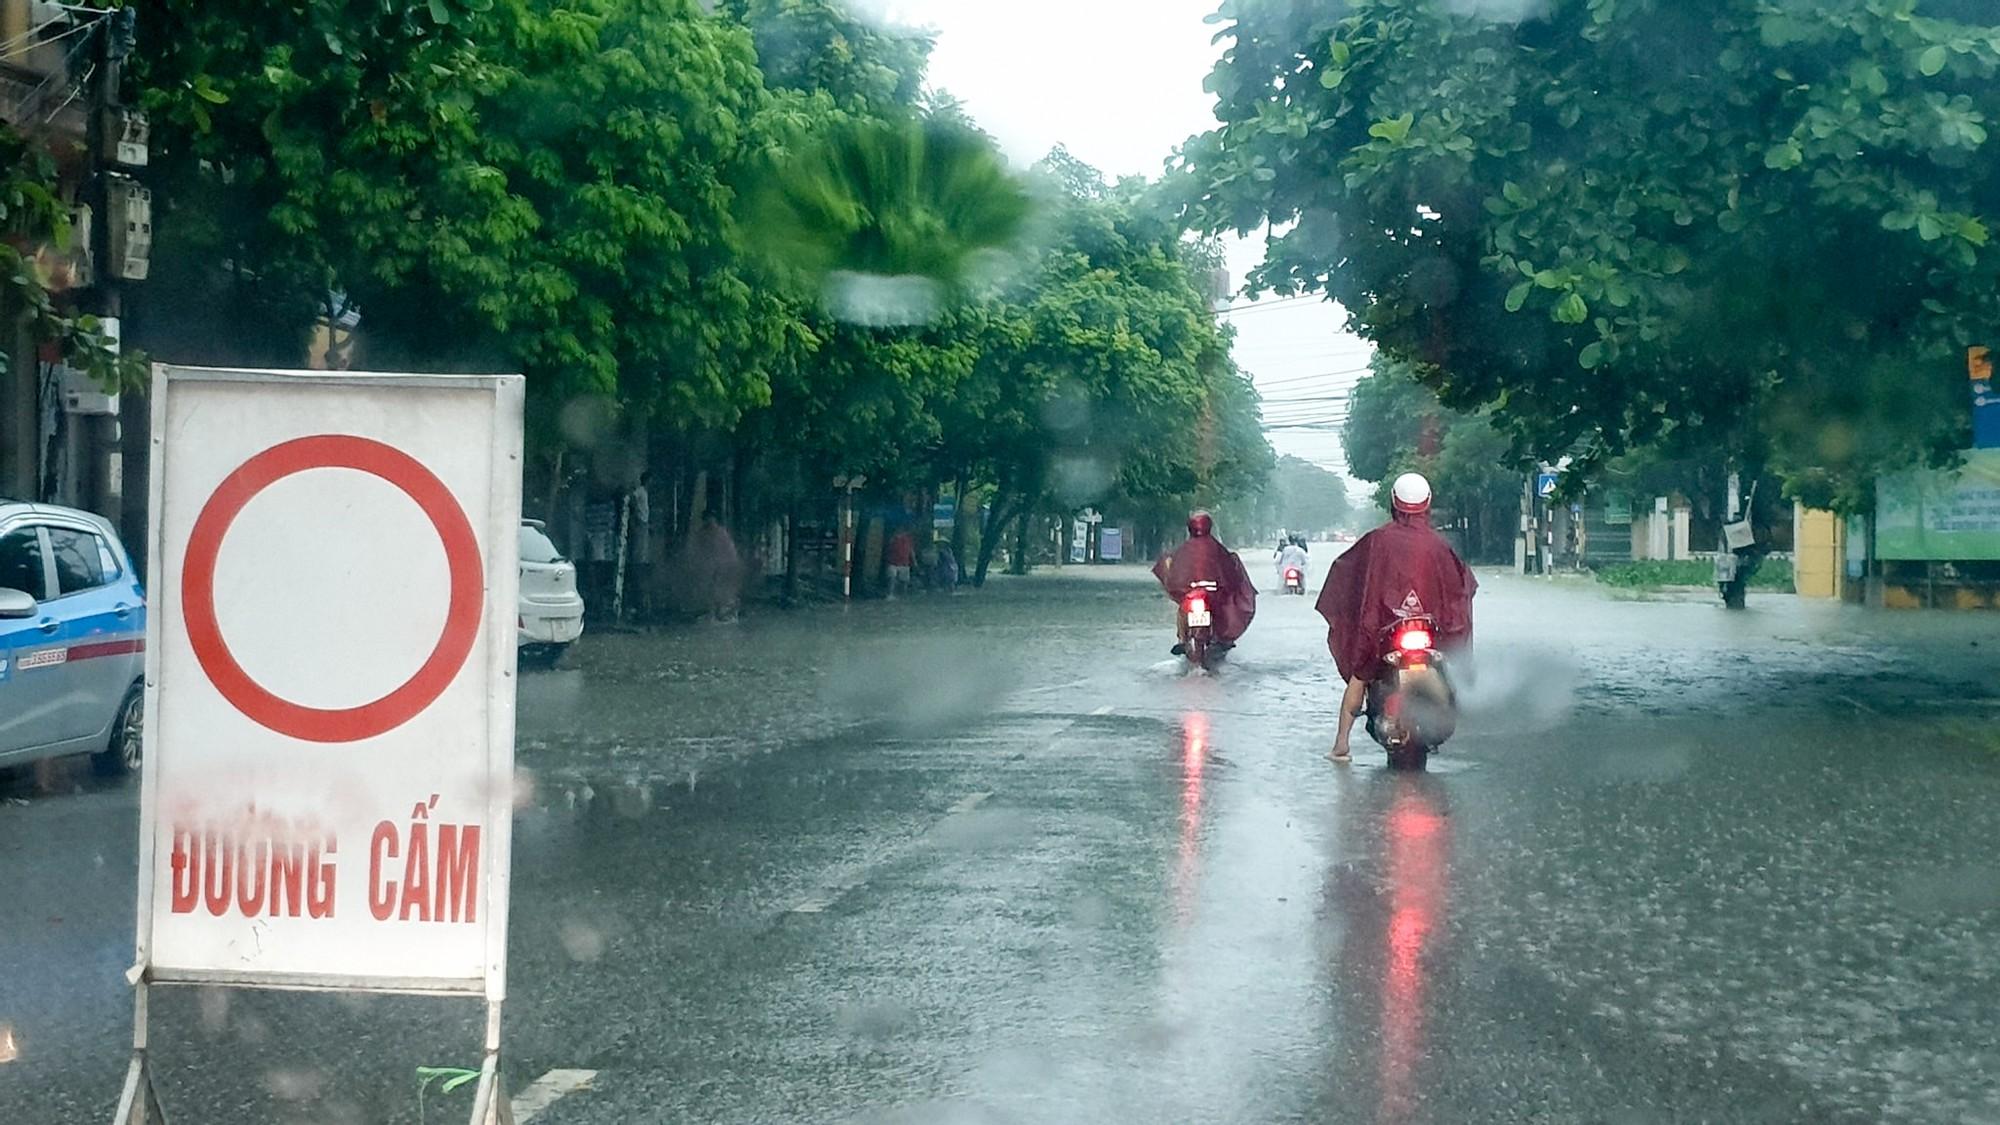 Sau trận mưa lớn kéo dài,  TP Thái Nguyên ngập sâu trong biển nước26